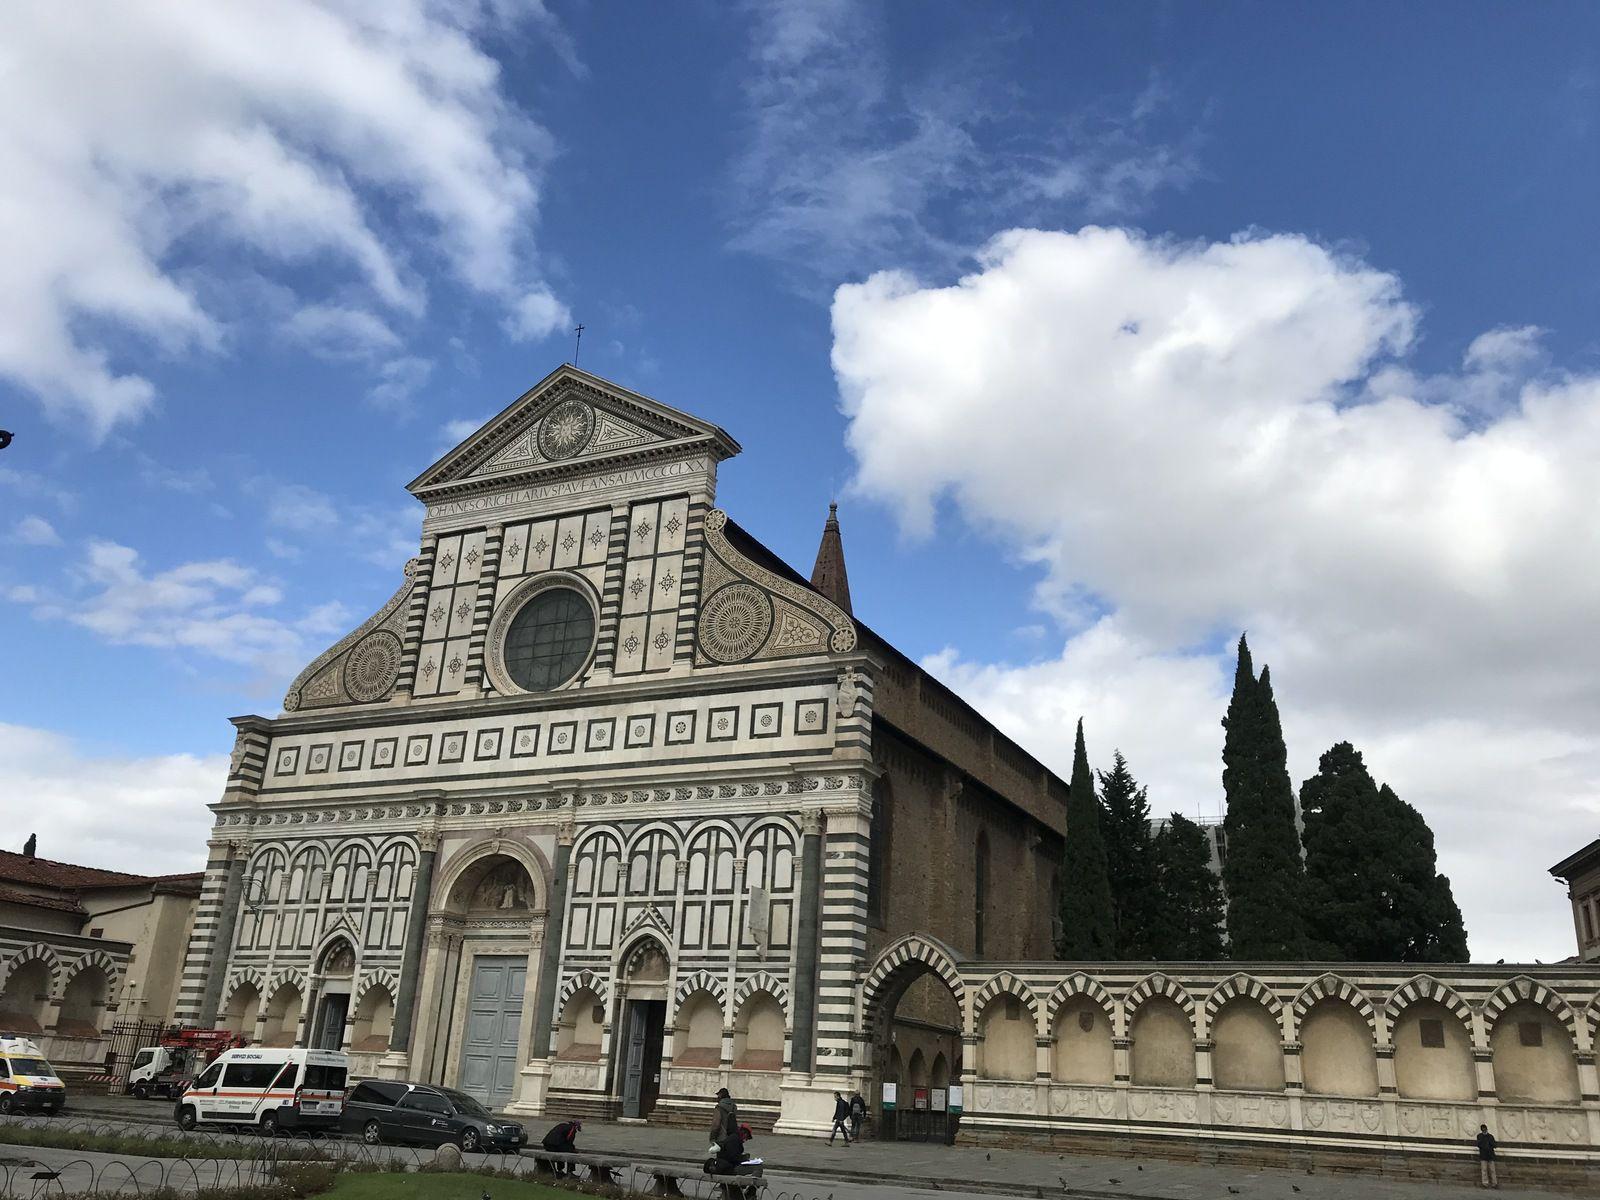 Un grand week-end à Florence en Italie [pendant la pandémie de Covid-19]